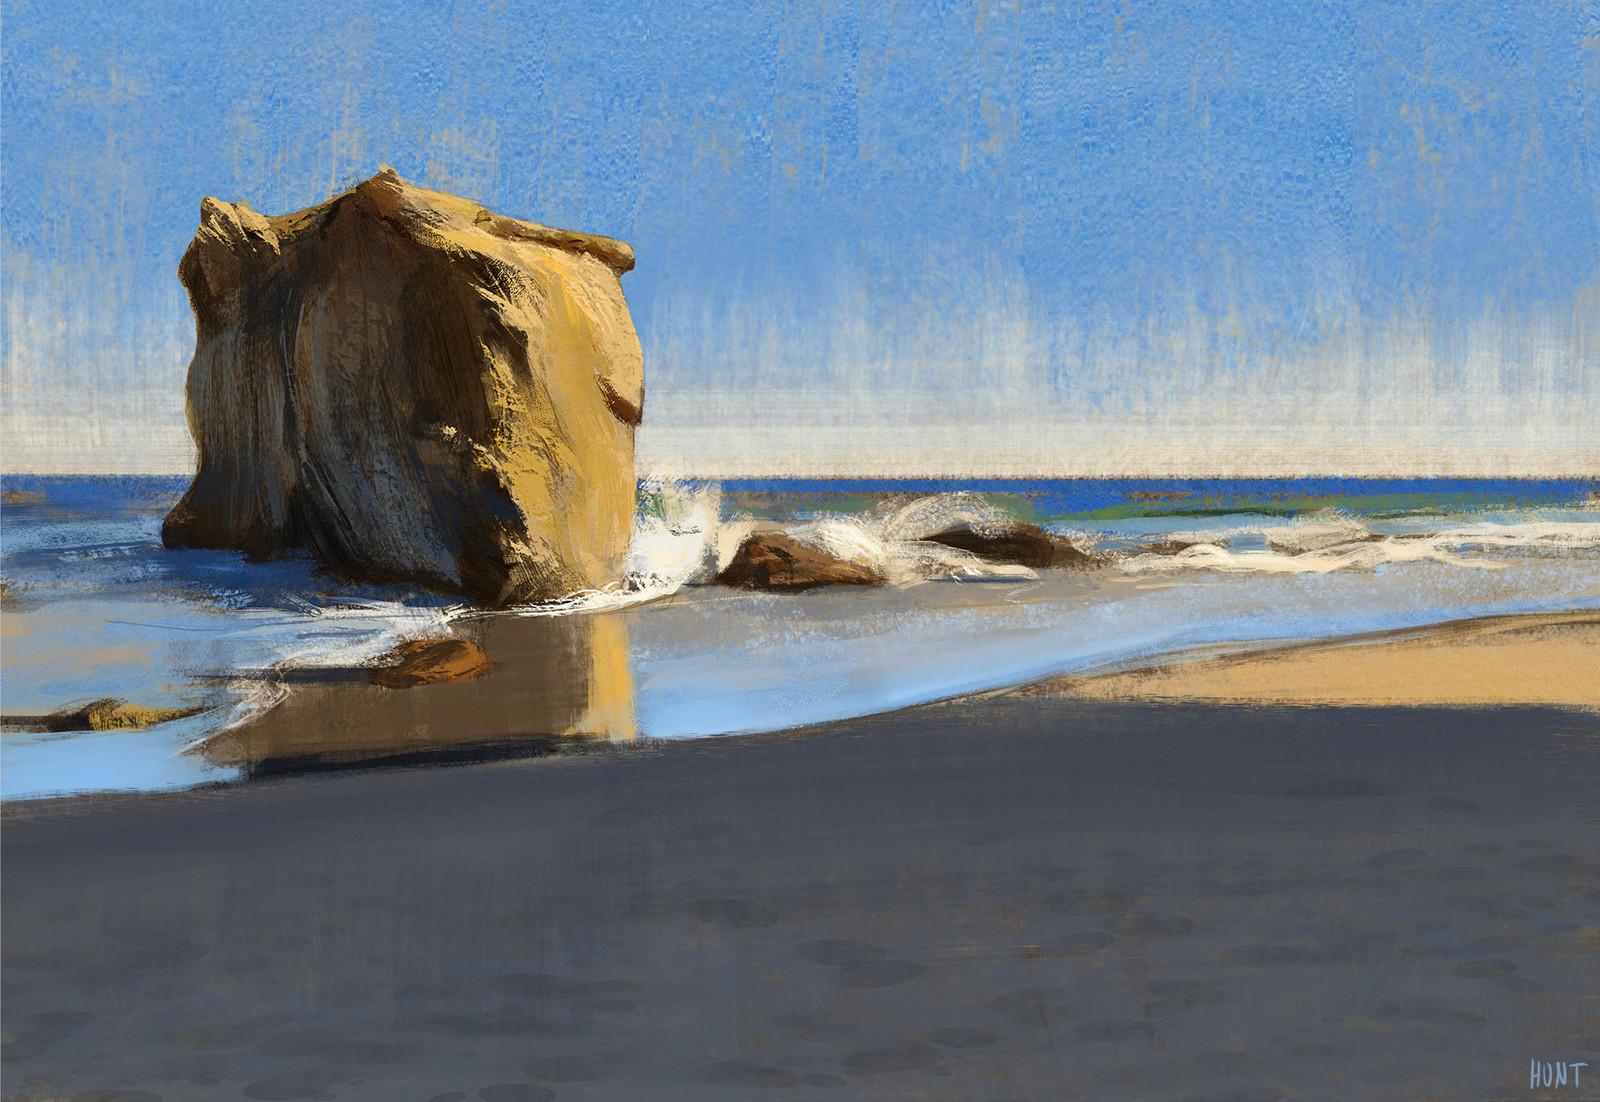 PCH Beach Plein Air